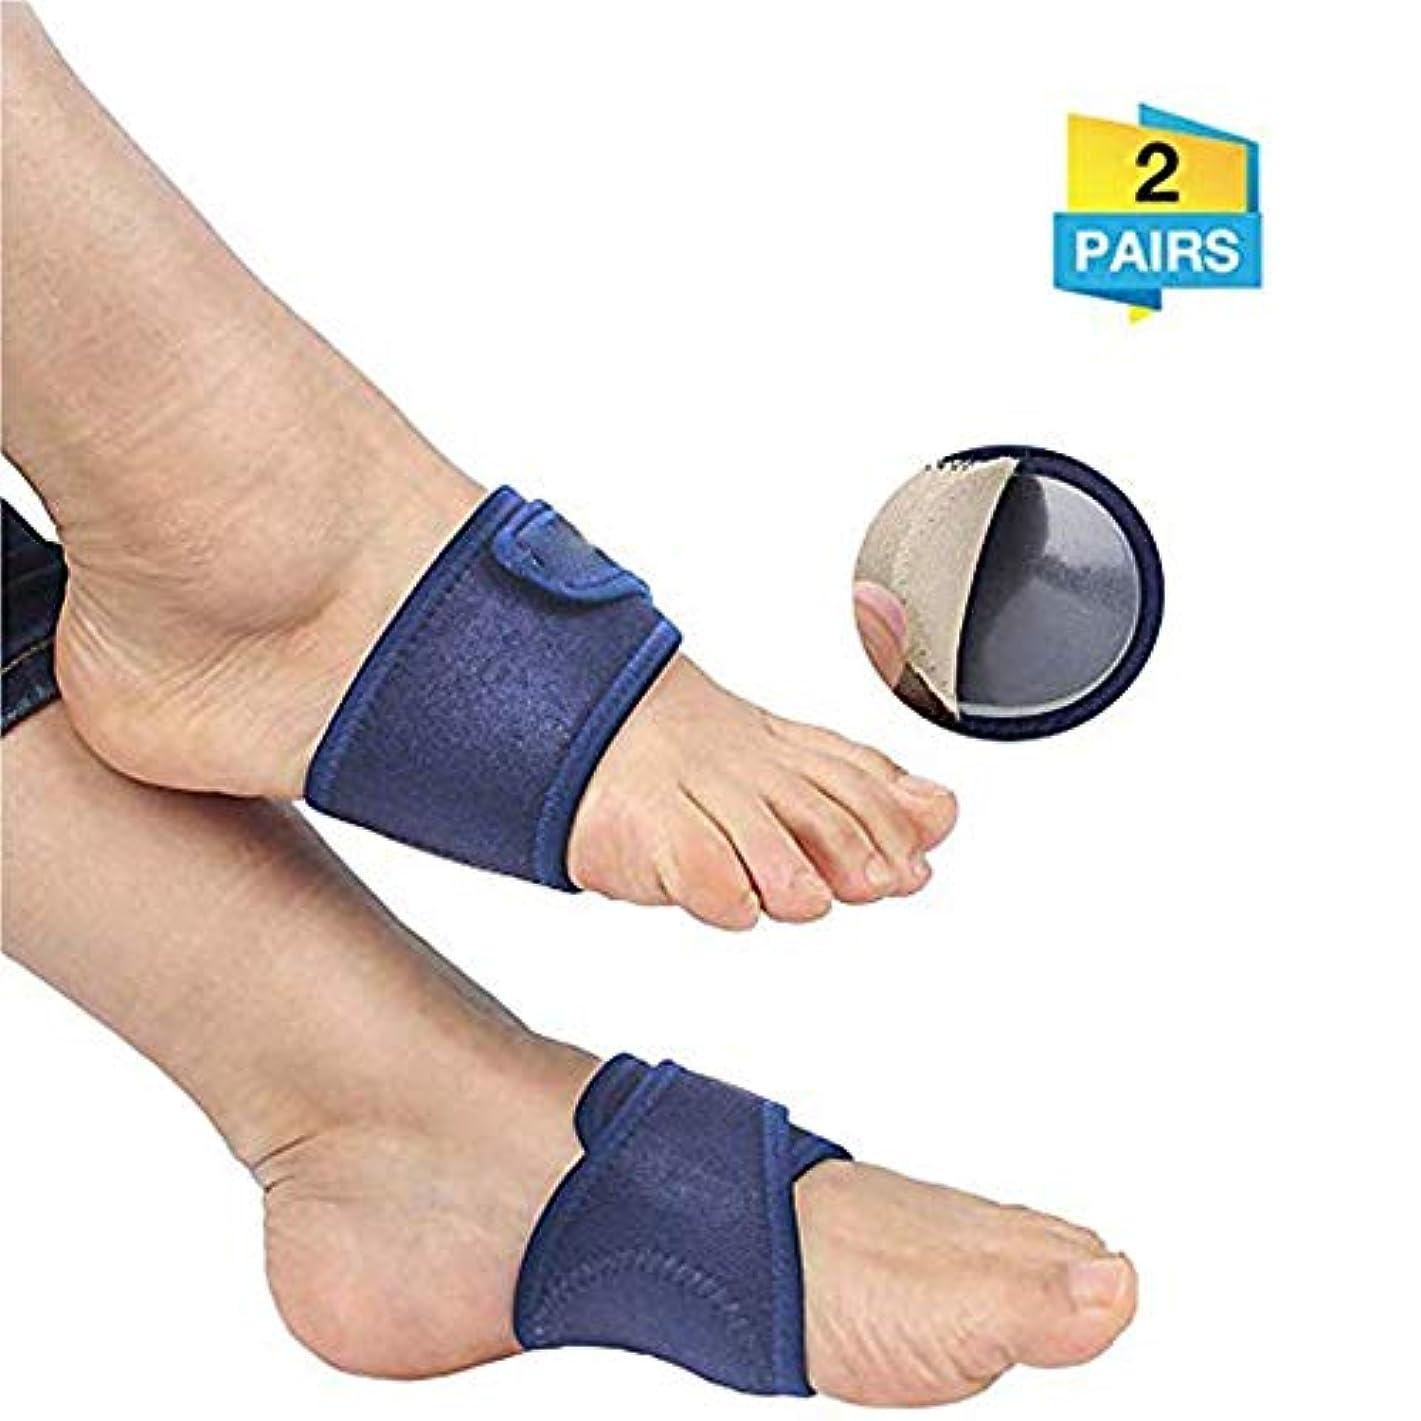 上へウッズ頭痛アーチサポートパッド シューインサート にとって 高アーチ、 通気性 スポンジマット 青 フットパッド アーチストラップ、 平らな足の痛み、 キャバスフット、 足底筋膜炎 (2ペア)